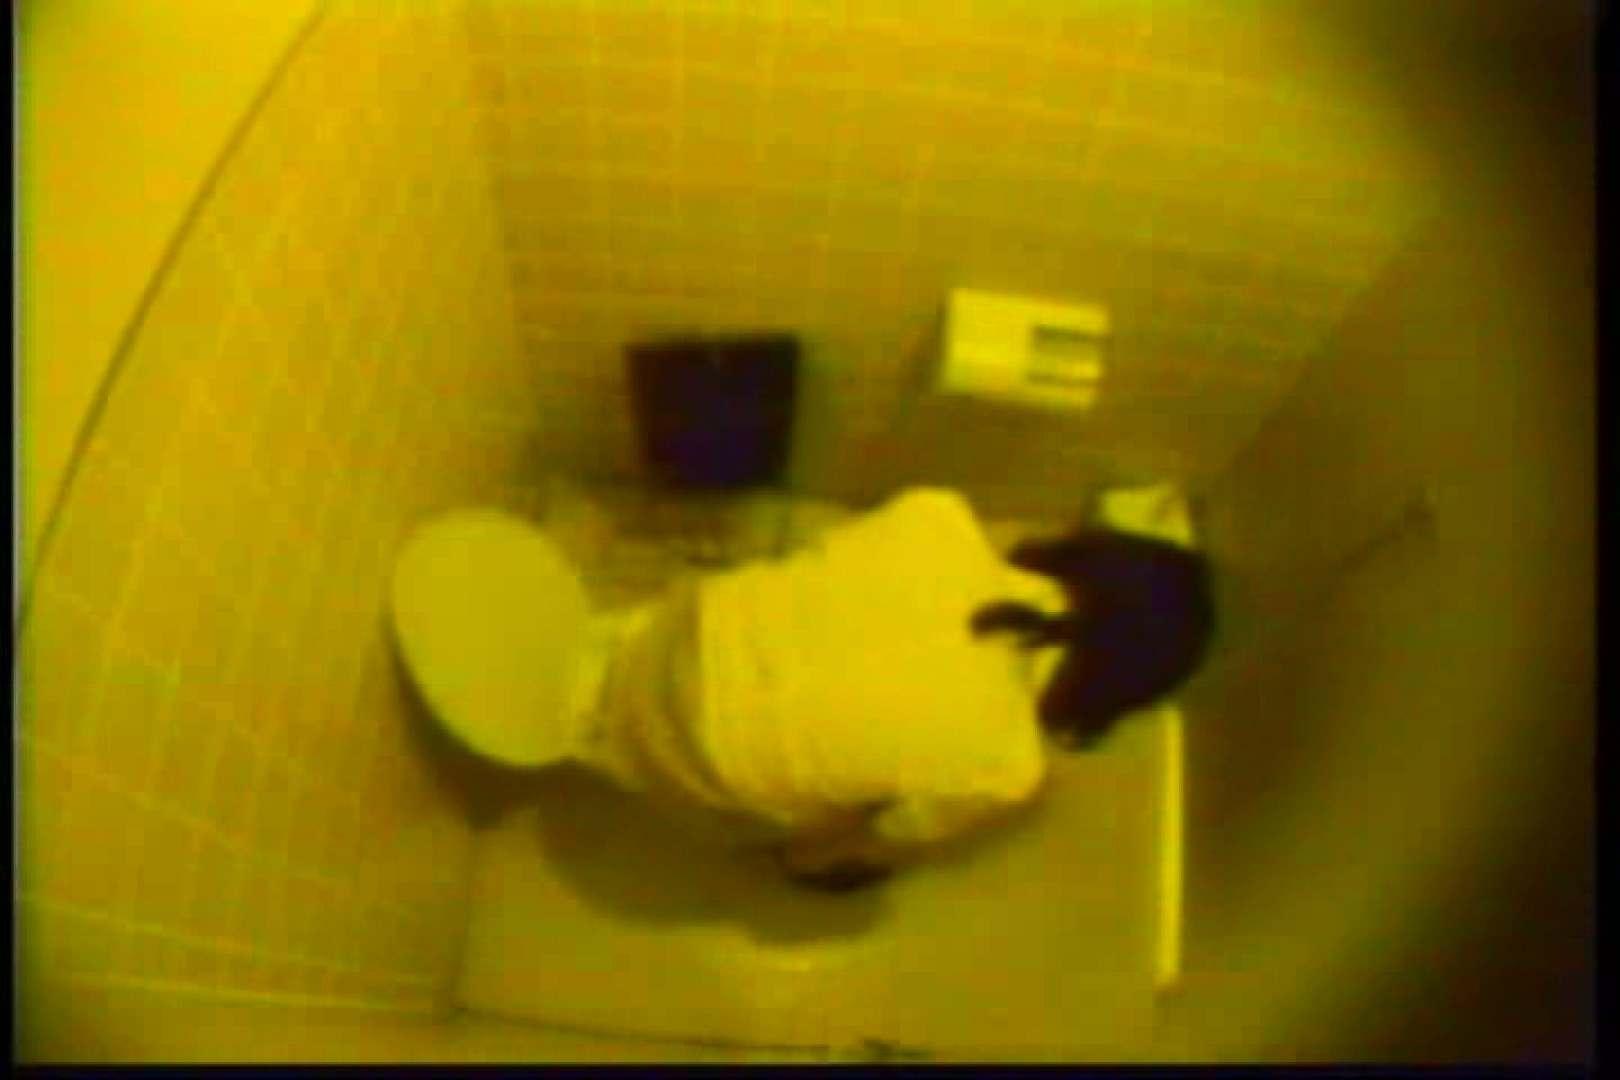 様式 和式 ところかまわず、厠覗き! 厠隠し撮り ワレメ無修正動画無料 74pic 3